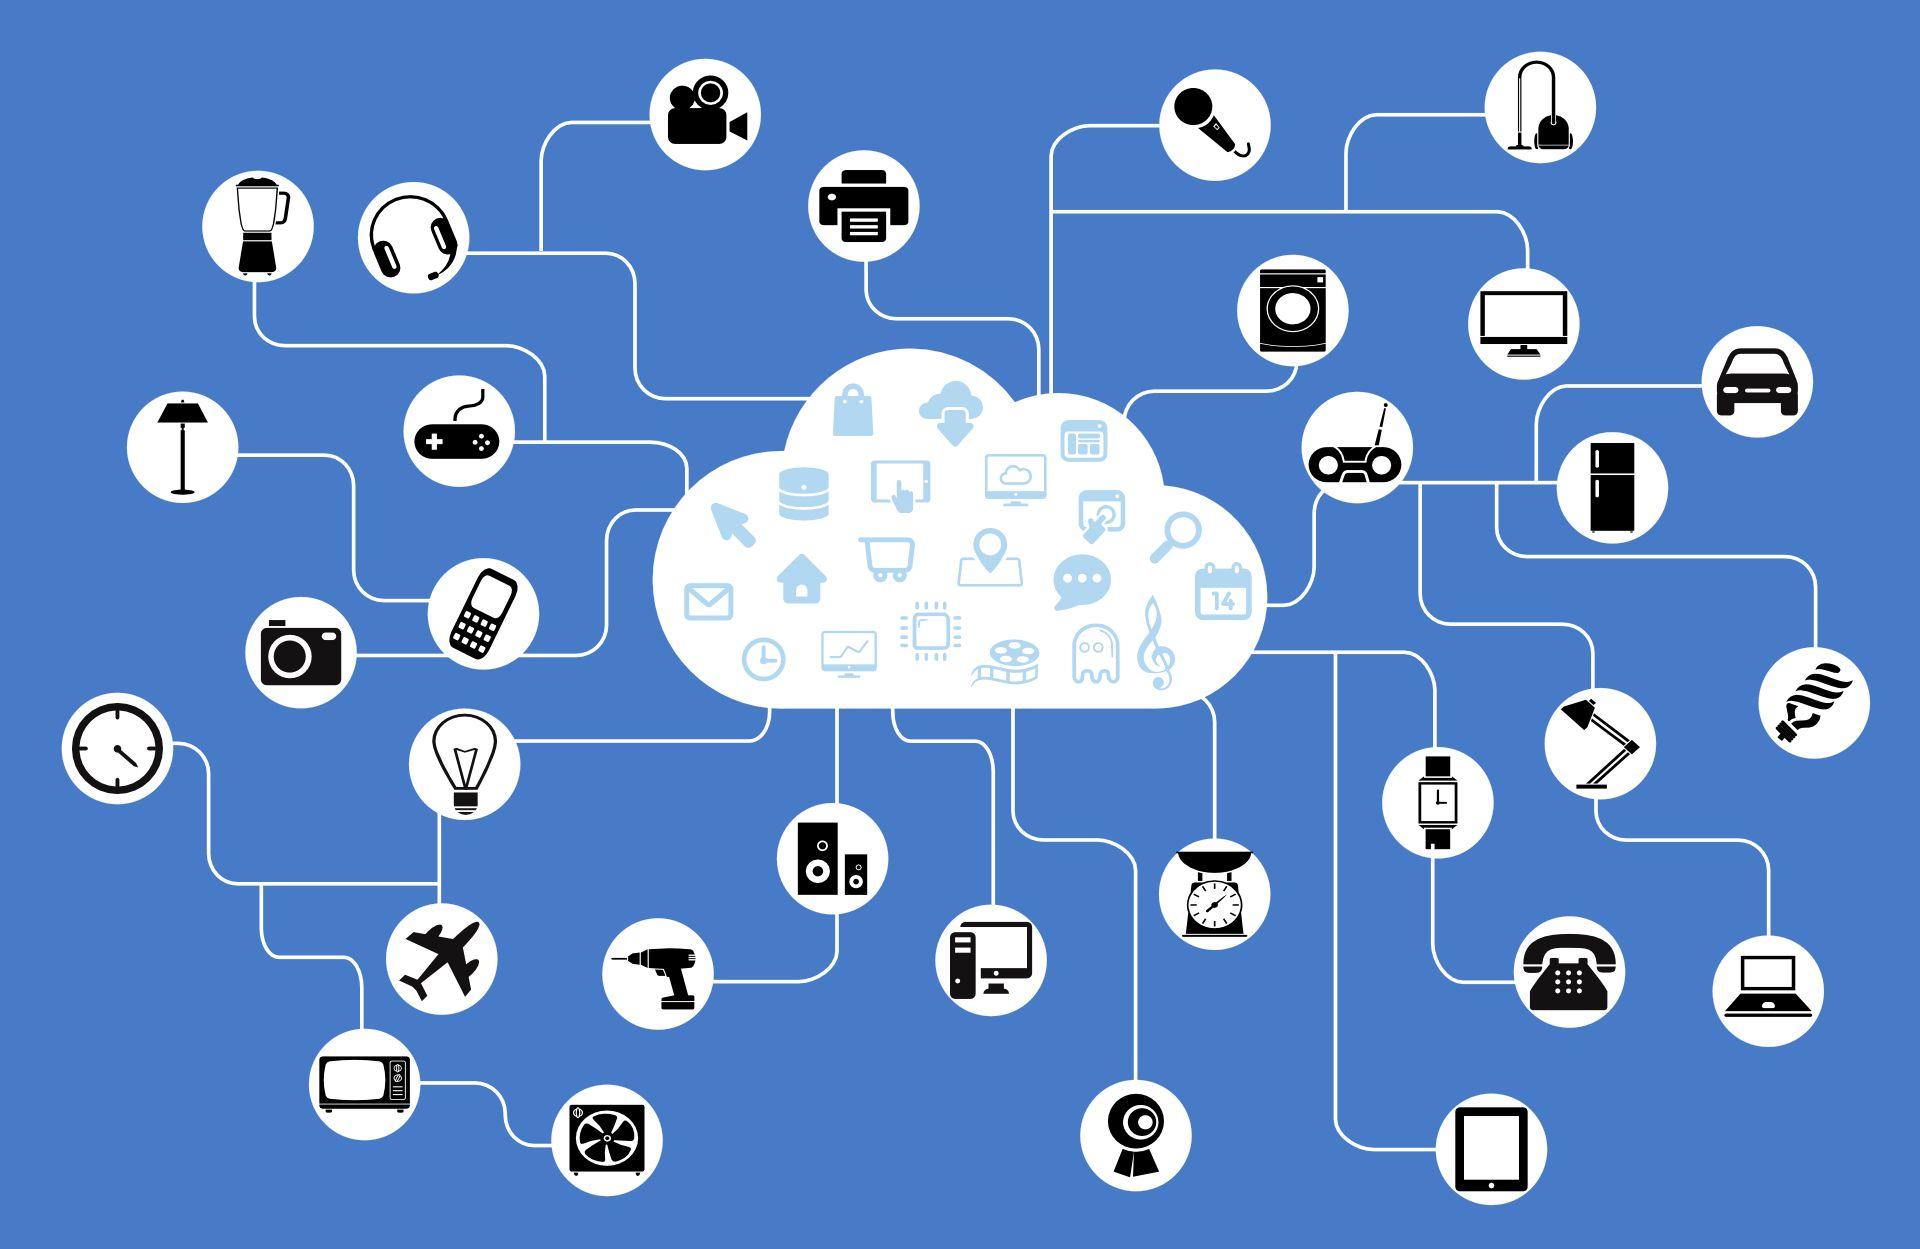 Zagrebačka županija: 1,35 milijuna kuna za širokopojasni internet